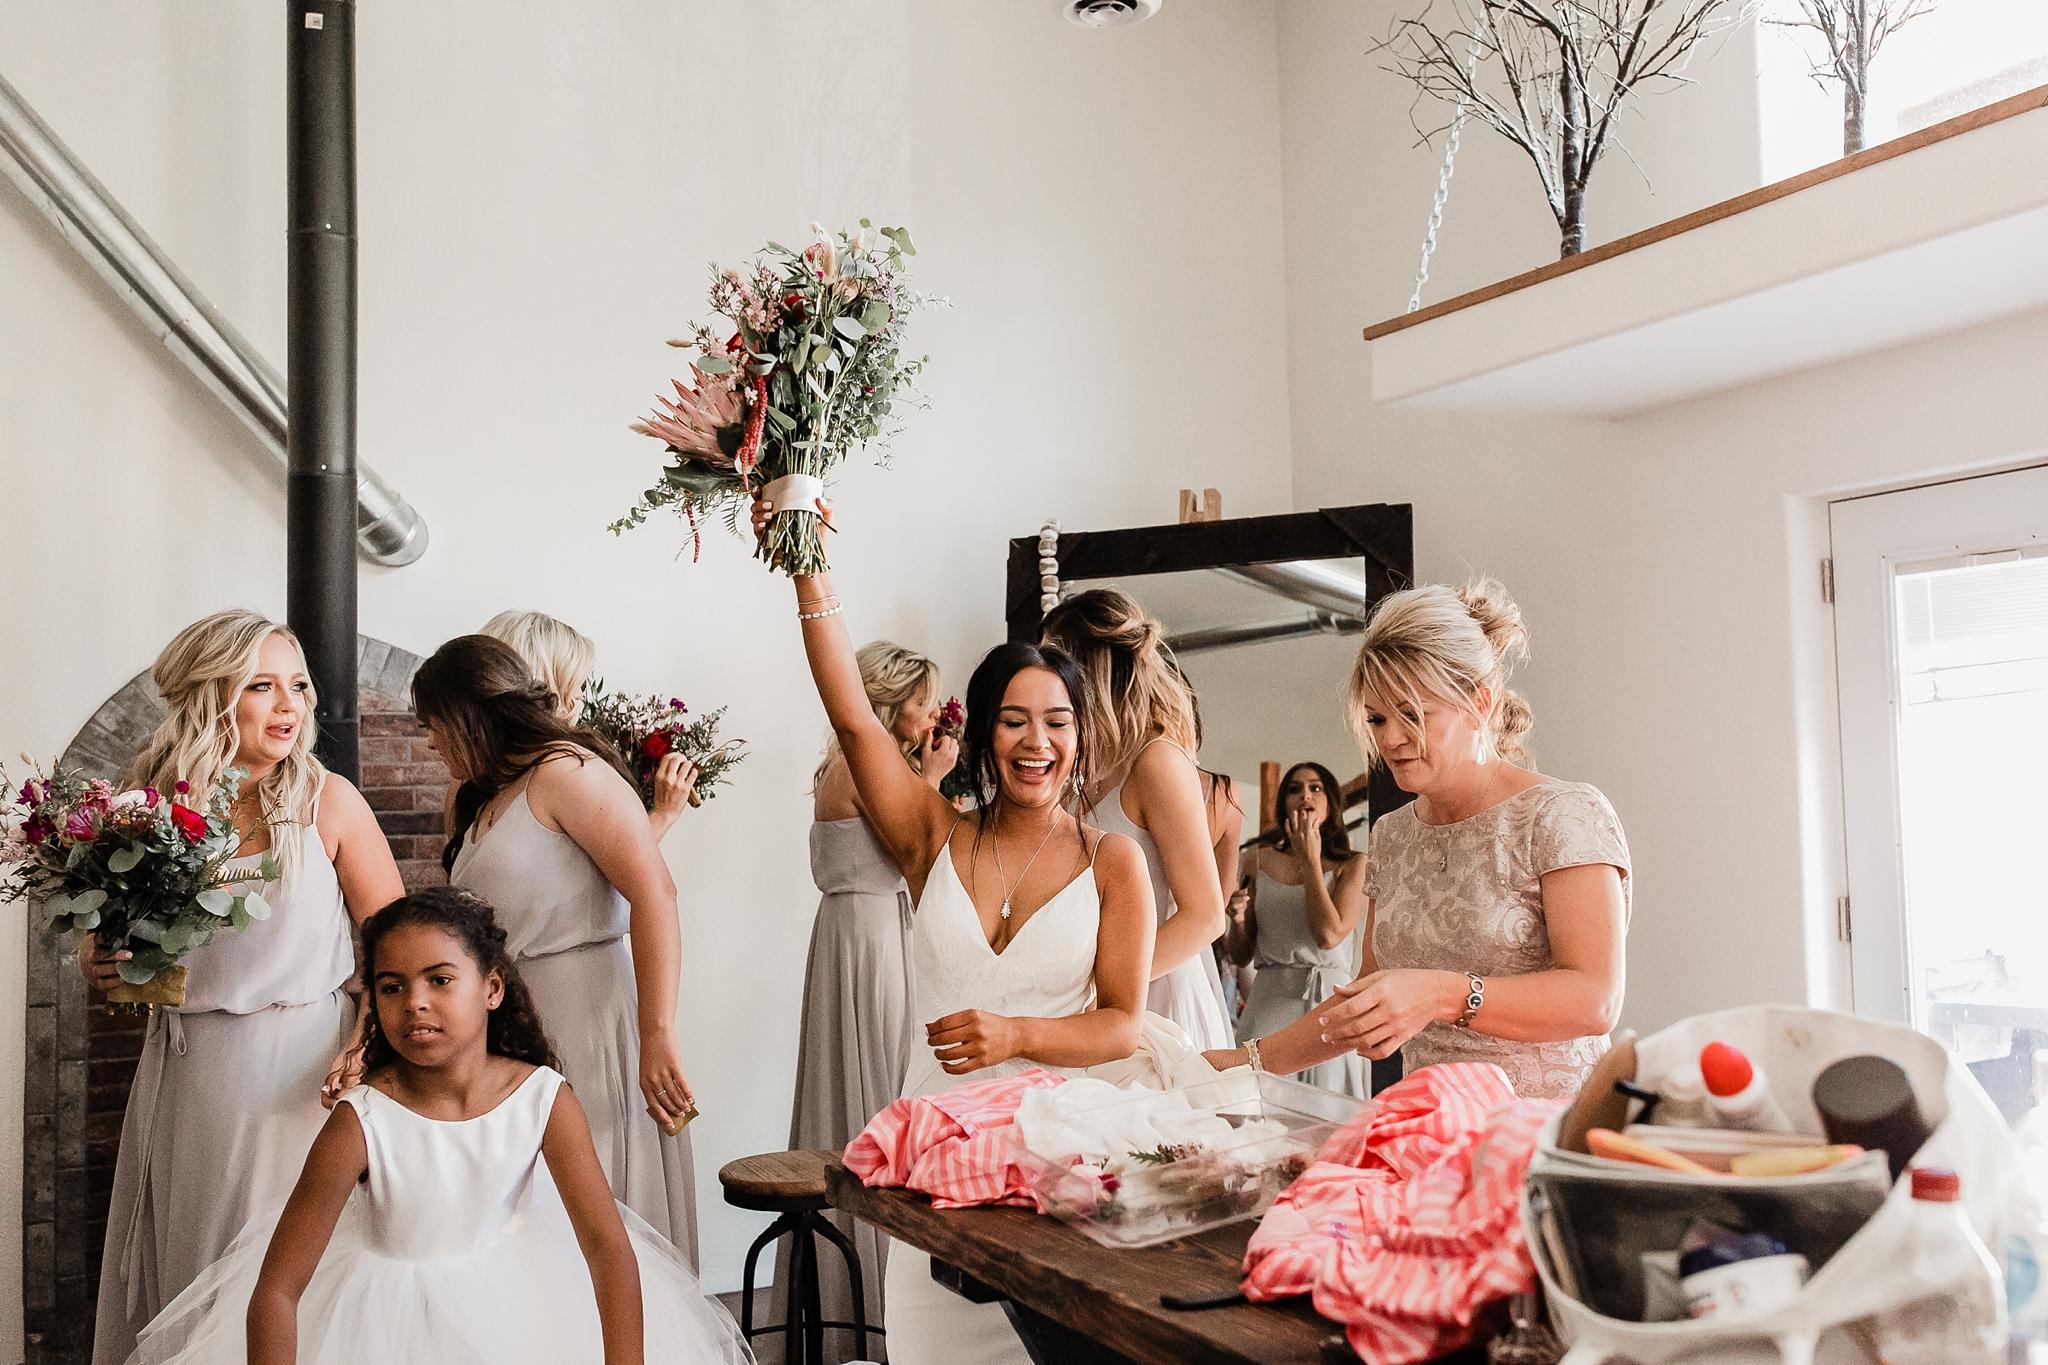 Alicia+lucia+photography+-+albuquerque+wedding+photographer+-+santa+fe+wedding+photography+-+new+mexico+wedding+photographer+-+new+mexico+wedding+-+new+mexico+wedding+-+barn+wedding+-+enchanted+vine+barn+wedding+-+ruidoso+wedding_0081.jpg